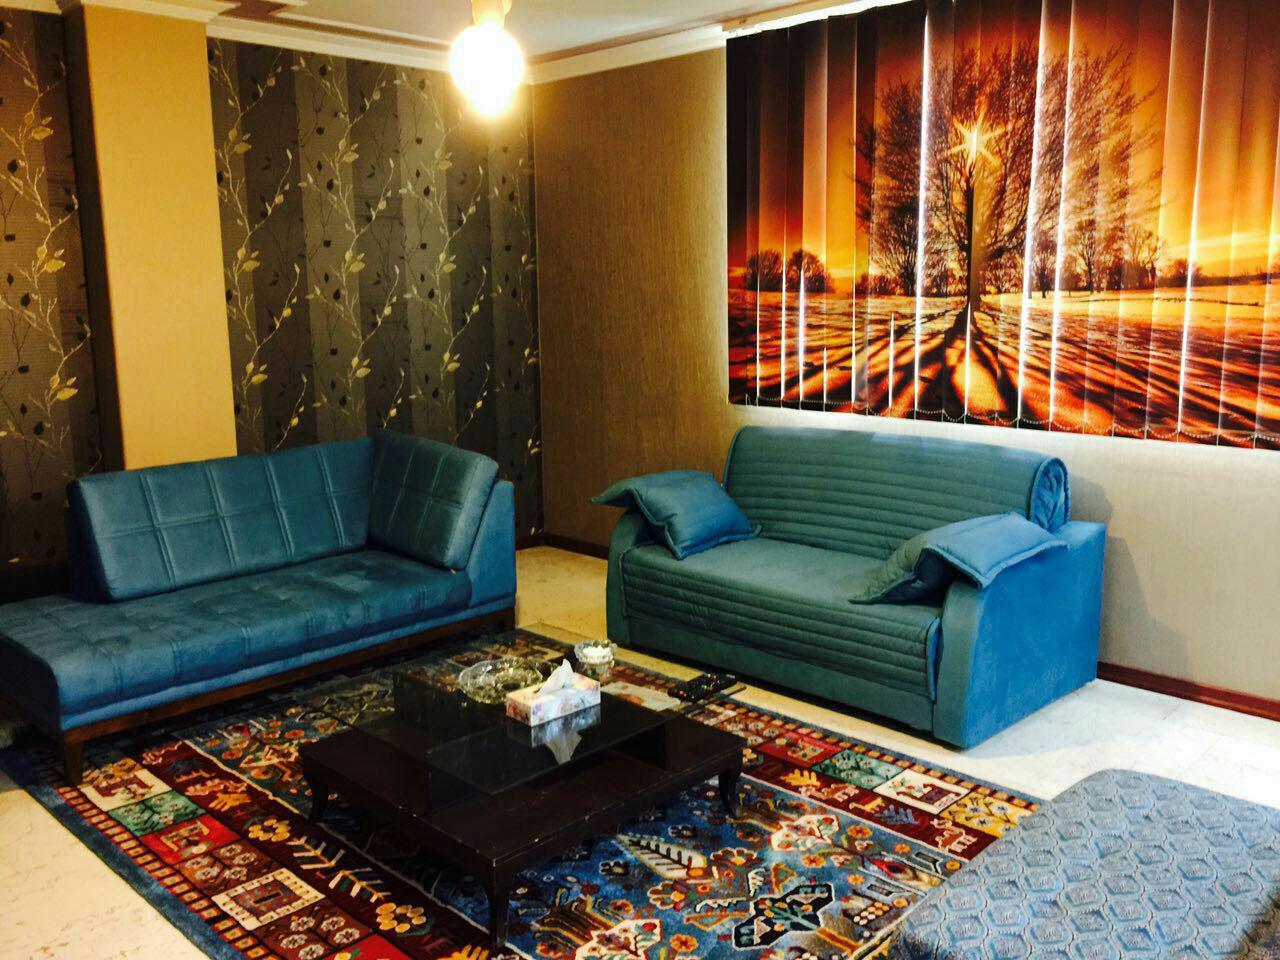 اجاره روزانه آپارتمان مبله تهران | توحید